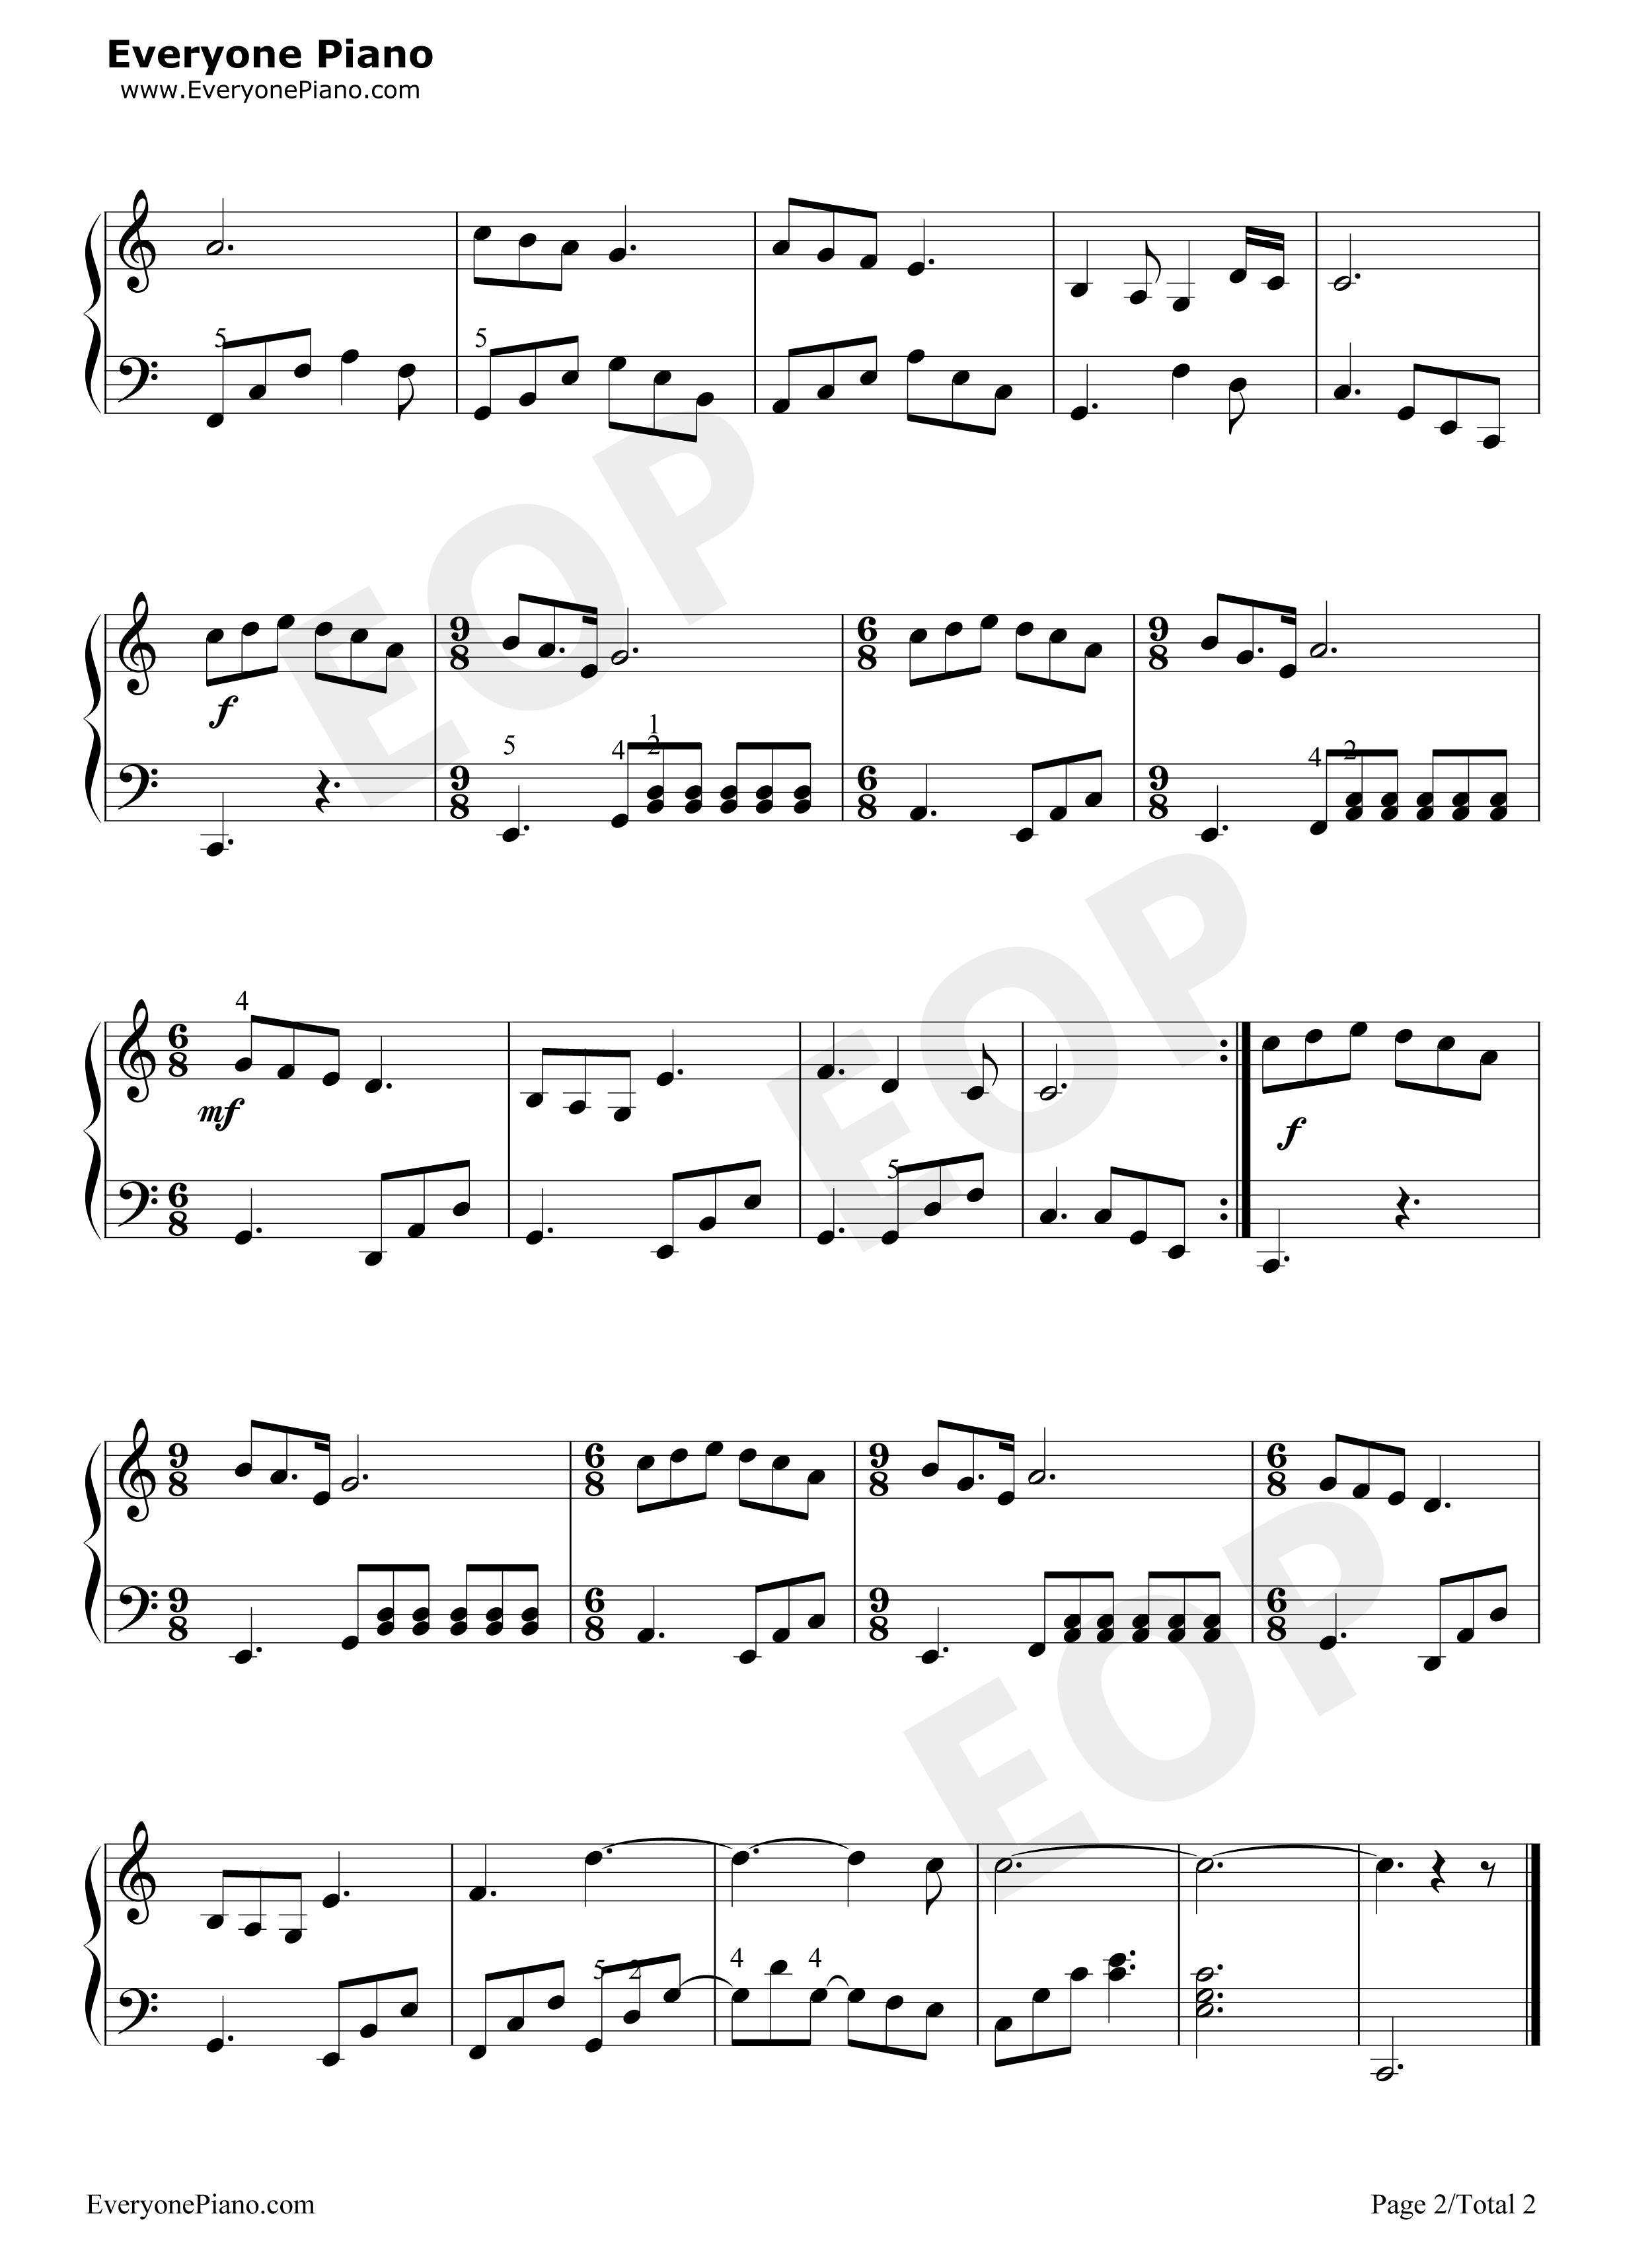 钢琴曲谱 民乐 我和我的祖国简谱,五线谱对应版 我和我的祖国简谱